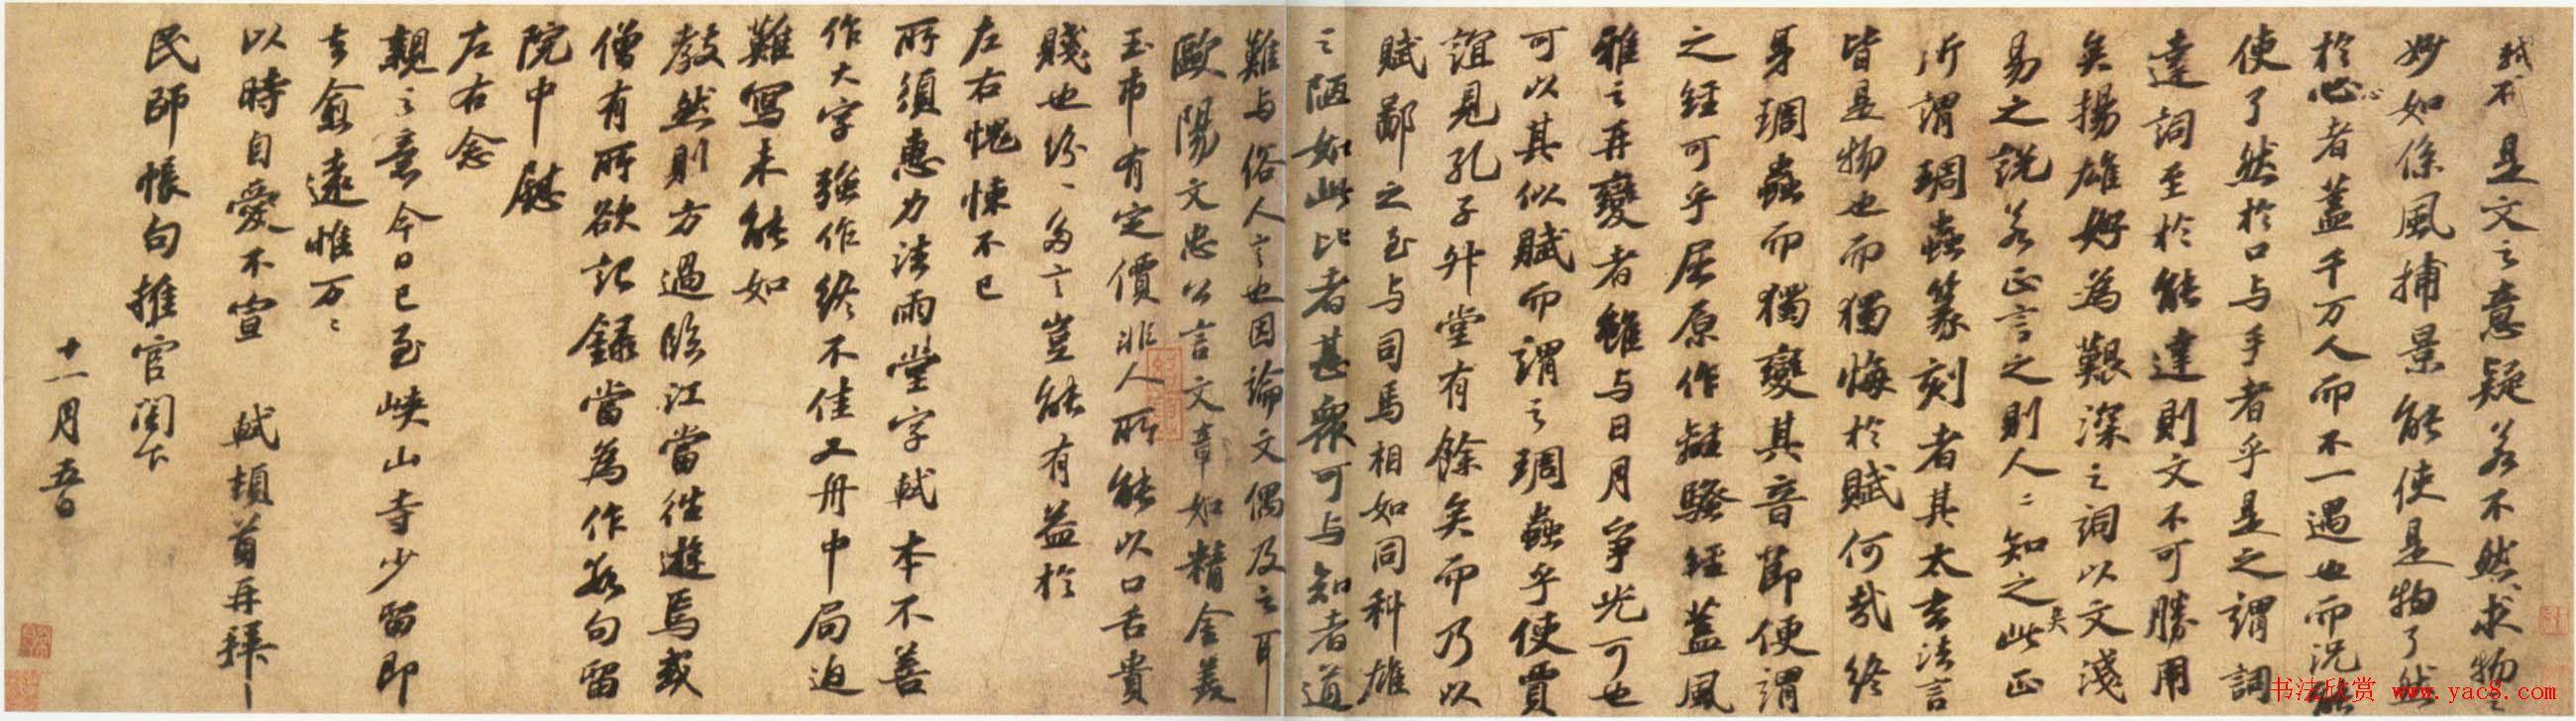 苏轼行书长卷《东坡与民师书真迹》